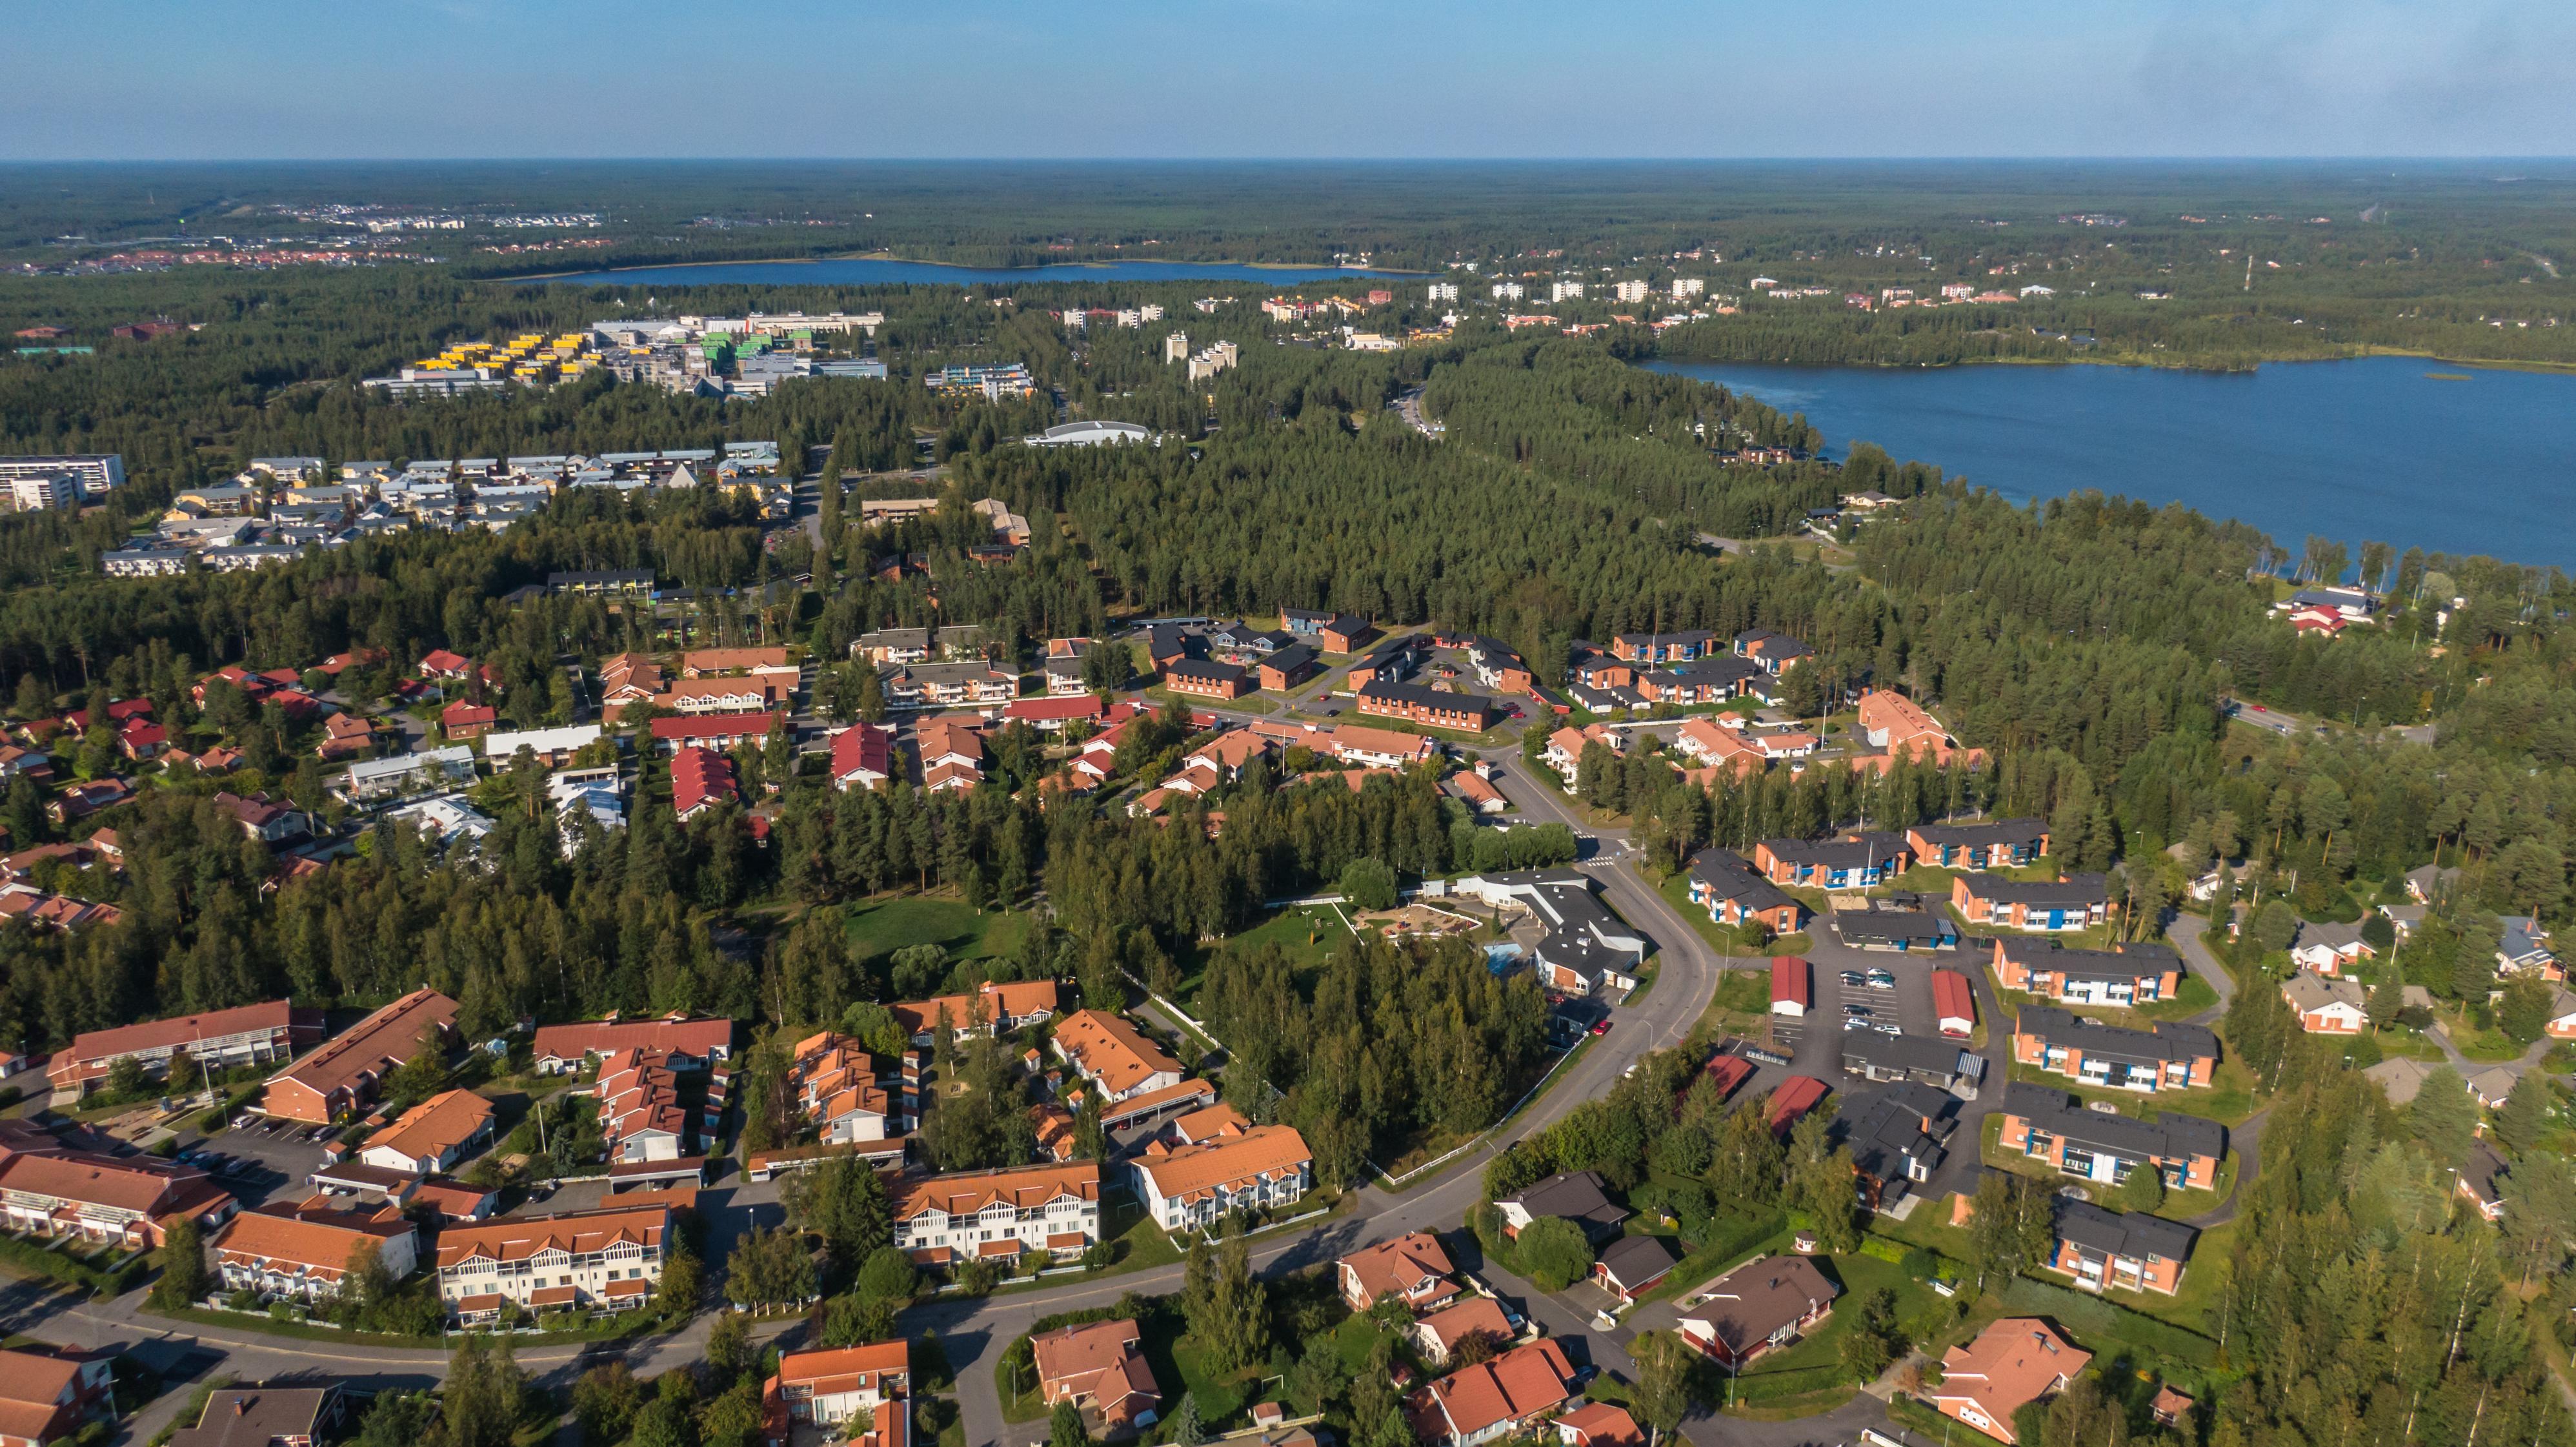 Ilmakuva Oulun Syynimaalta. Punakattoisia luhtitaloja etualalla. Metsäistä asuinaluetta. Kuvan oikeassa reunassa näkyy Pyykösjärvi ja kauempana kuvan yläosassa on Kuivasjärvi. Myös yliopistoaluetta näkyy kuvassa.